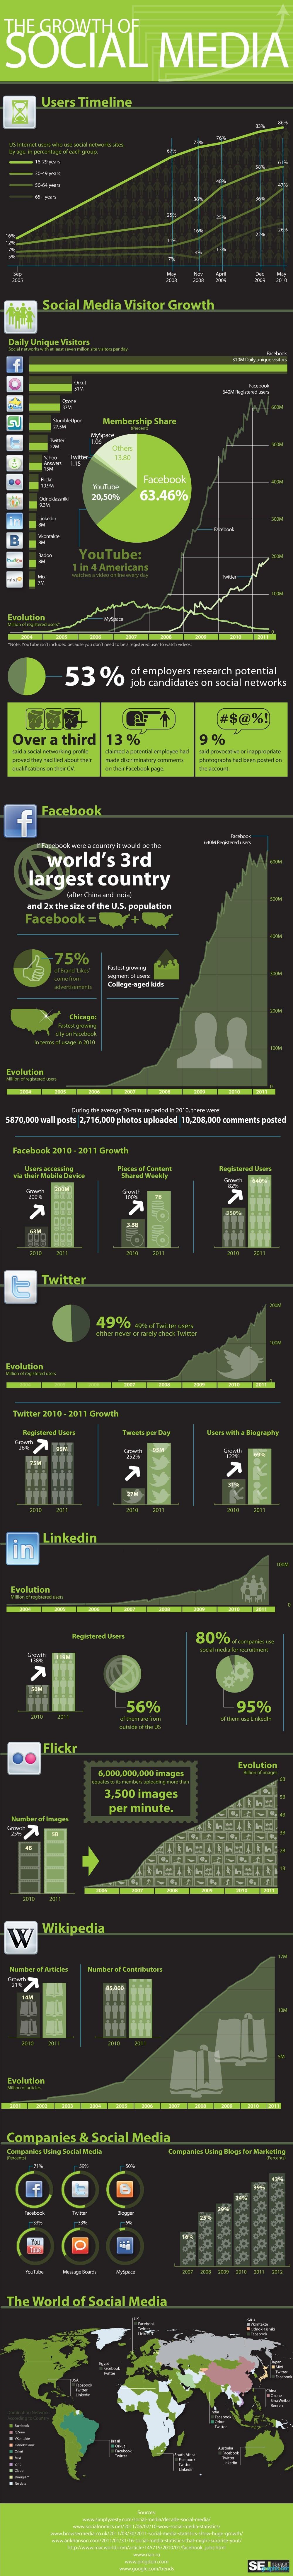 Growth of Social Media Statistics